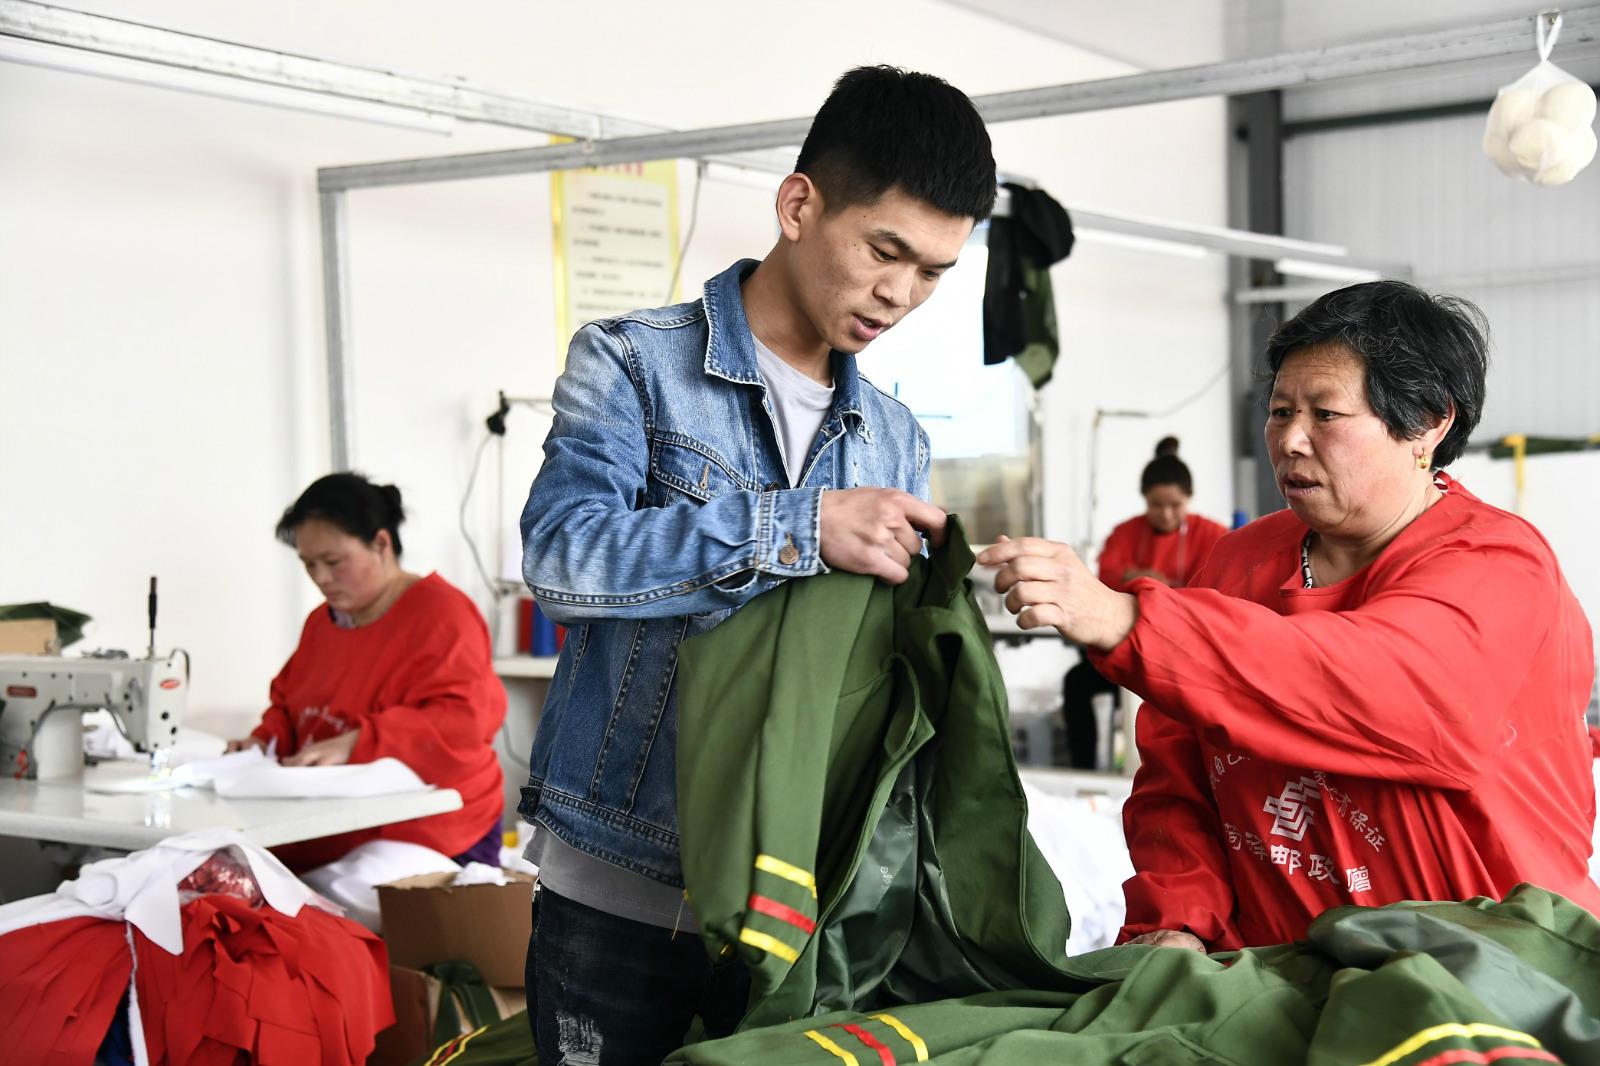 图4 山东大学毕业的姜彪回到大集镇开起了演出服淘宝店,正在和工人沟通_meitu_10